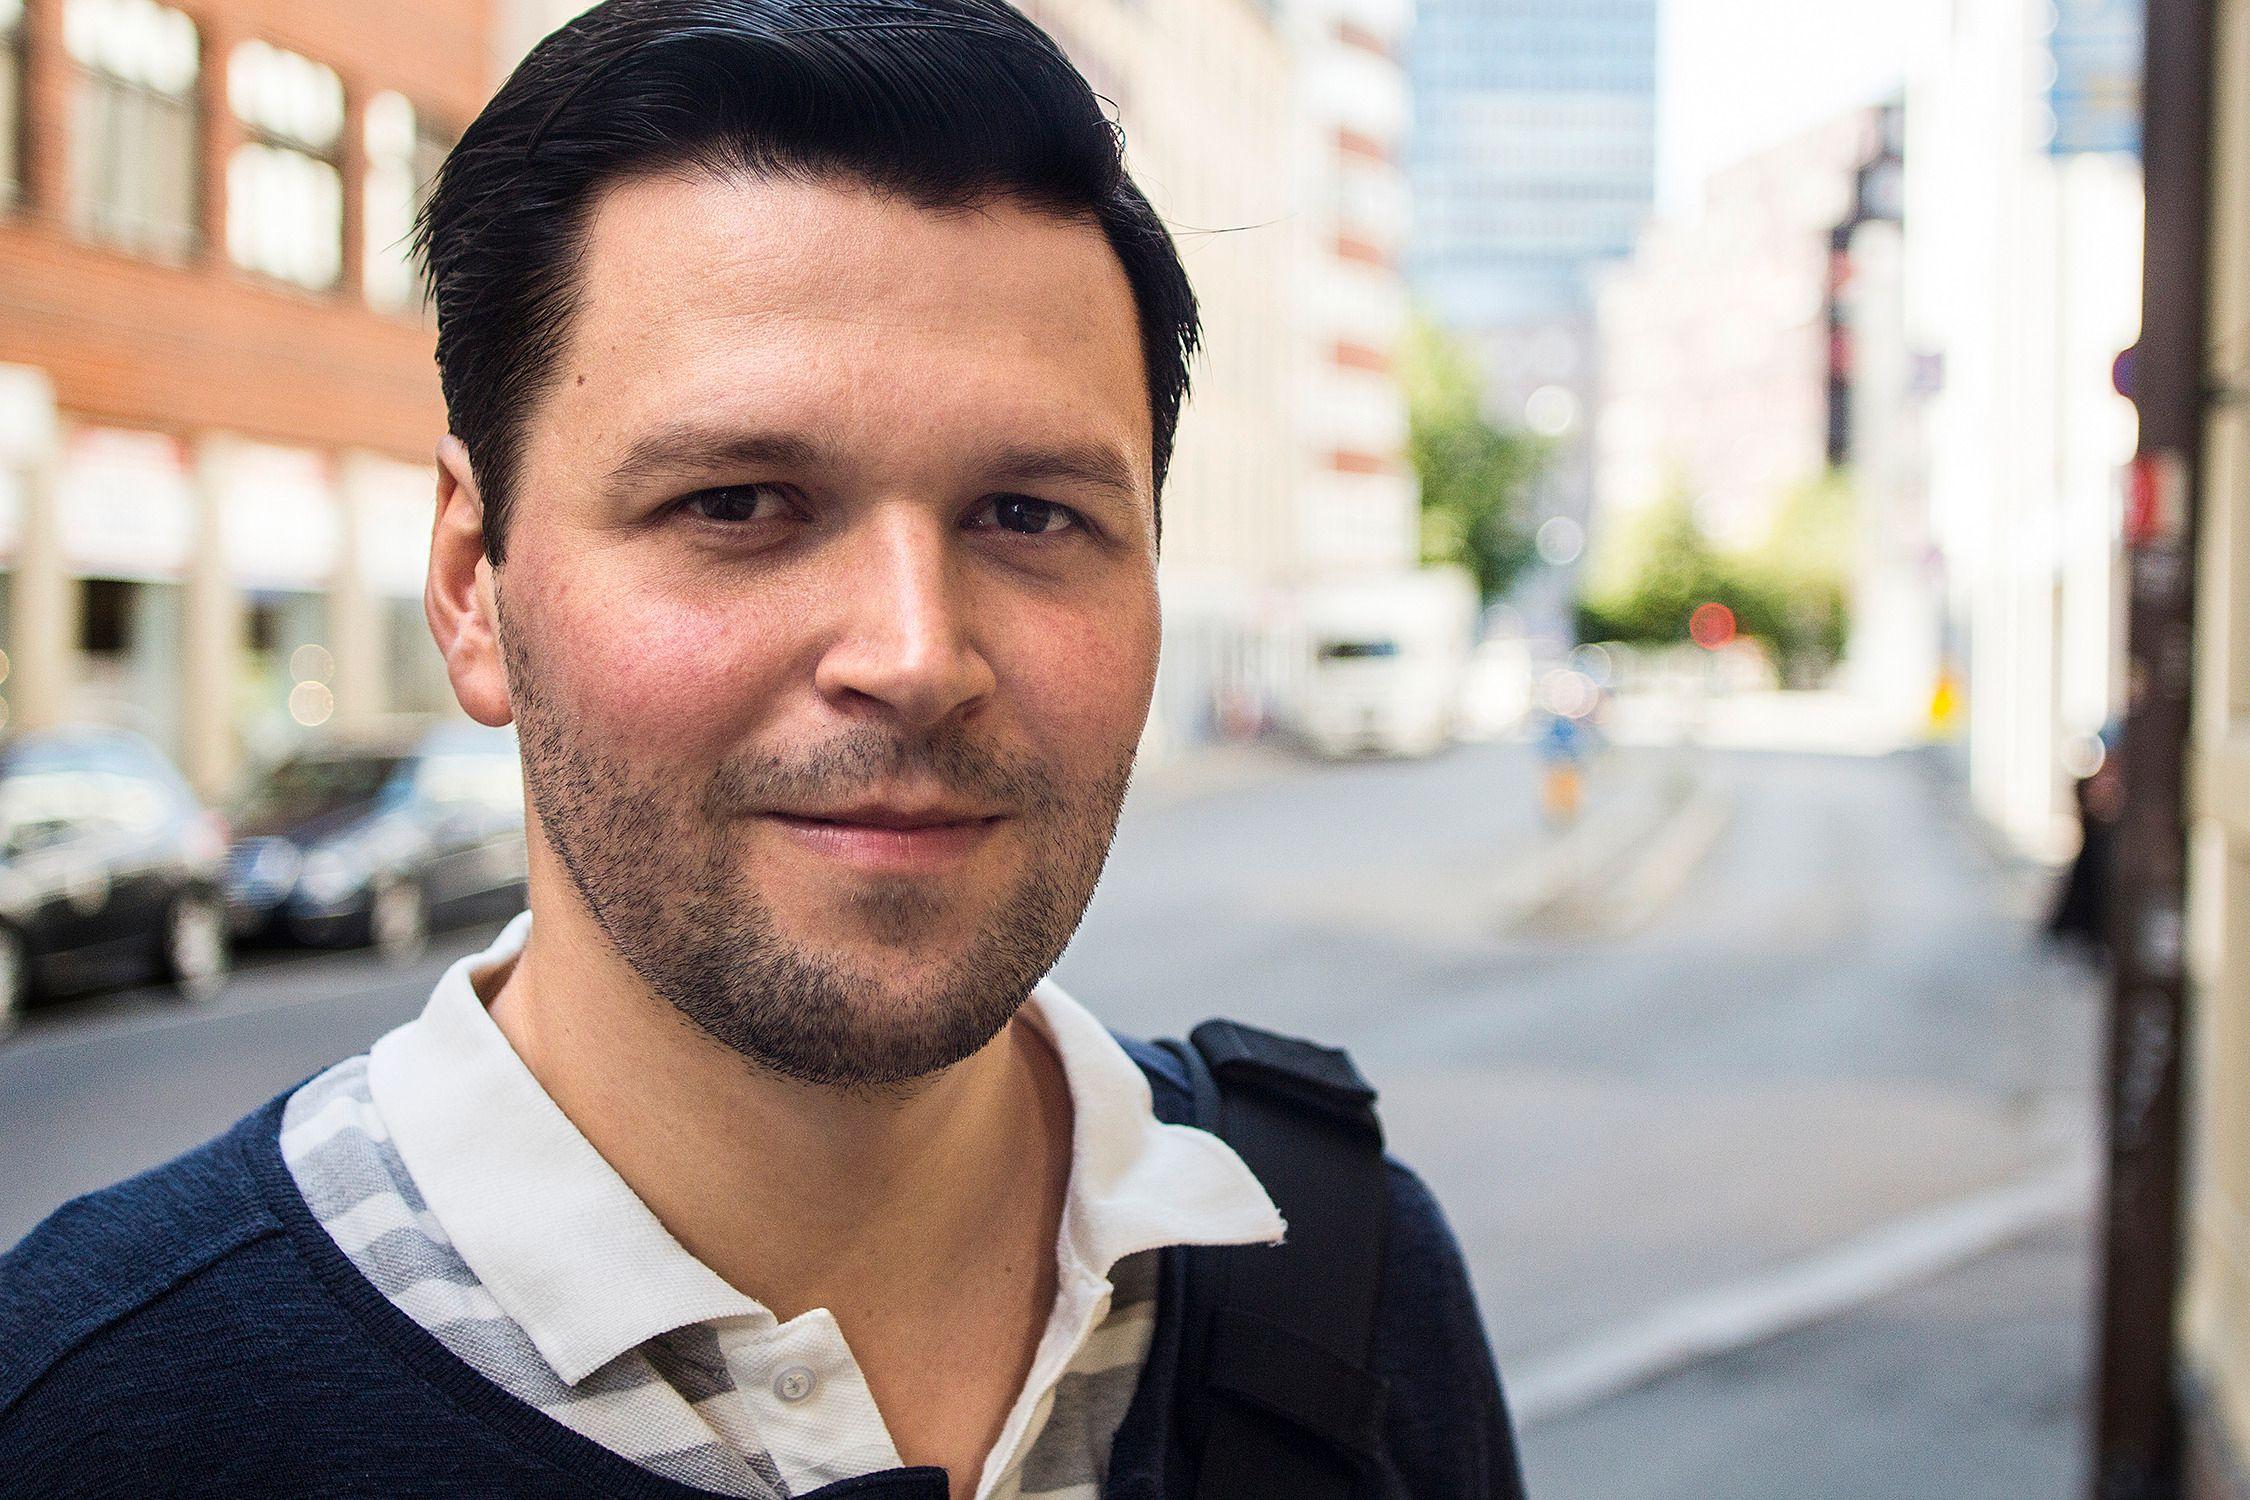 Fredrik Tveit fra Nettbureau mener det offentlige kan gjøre en vel så god jobb som premissleverandør.